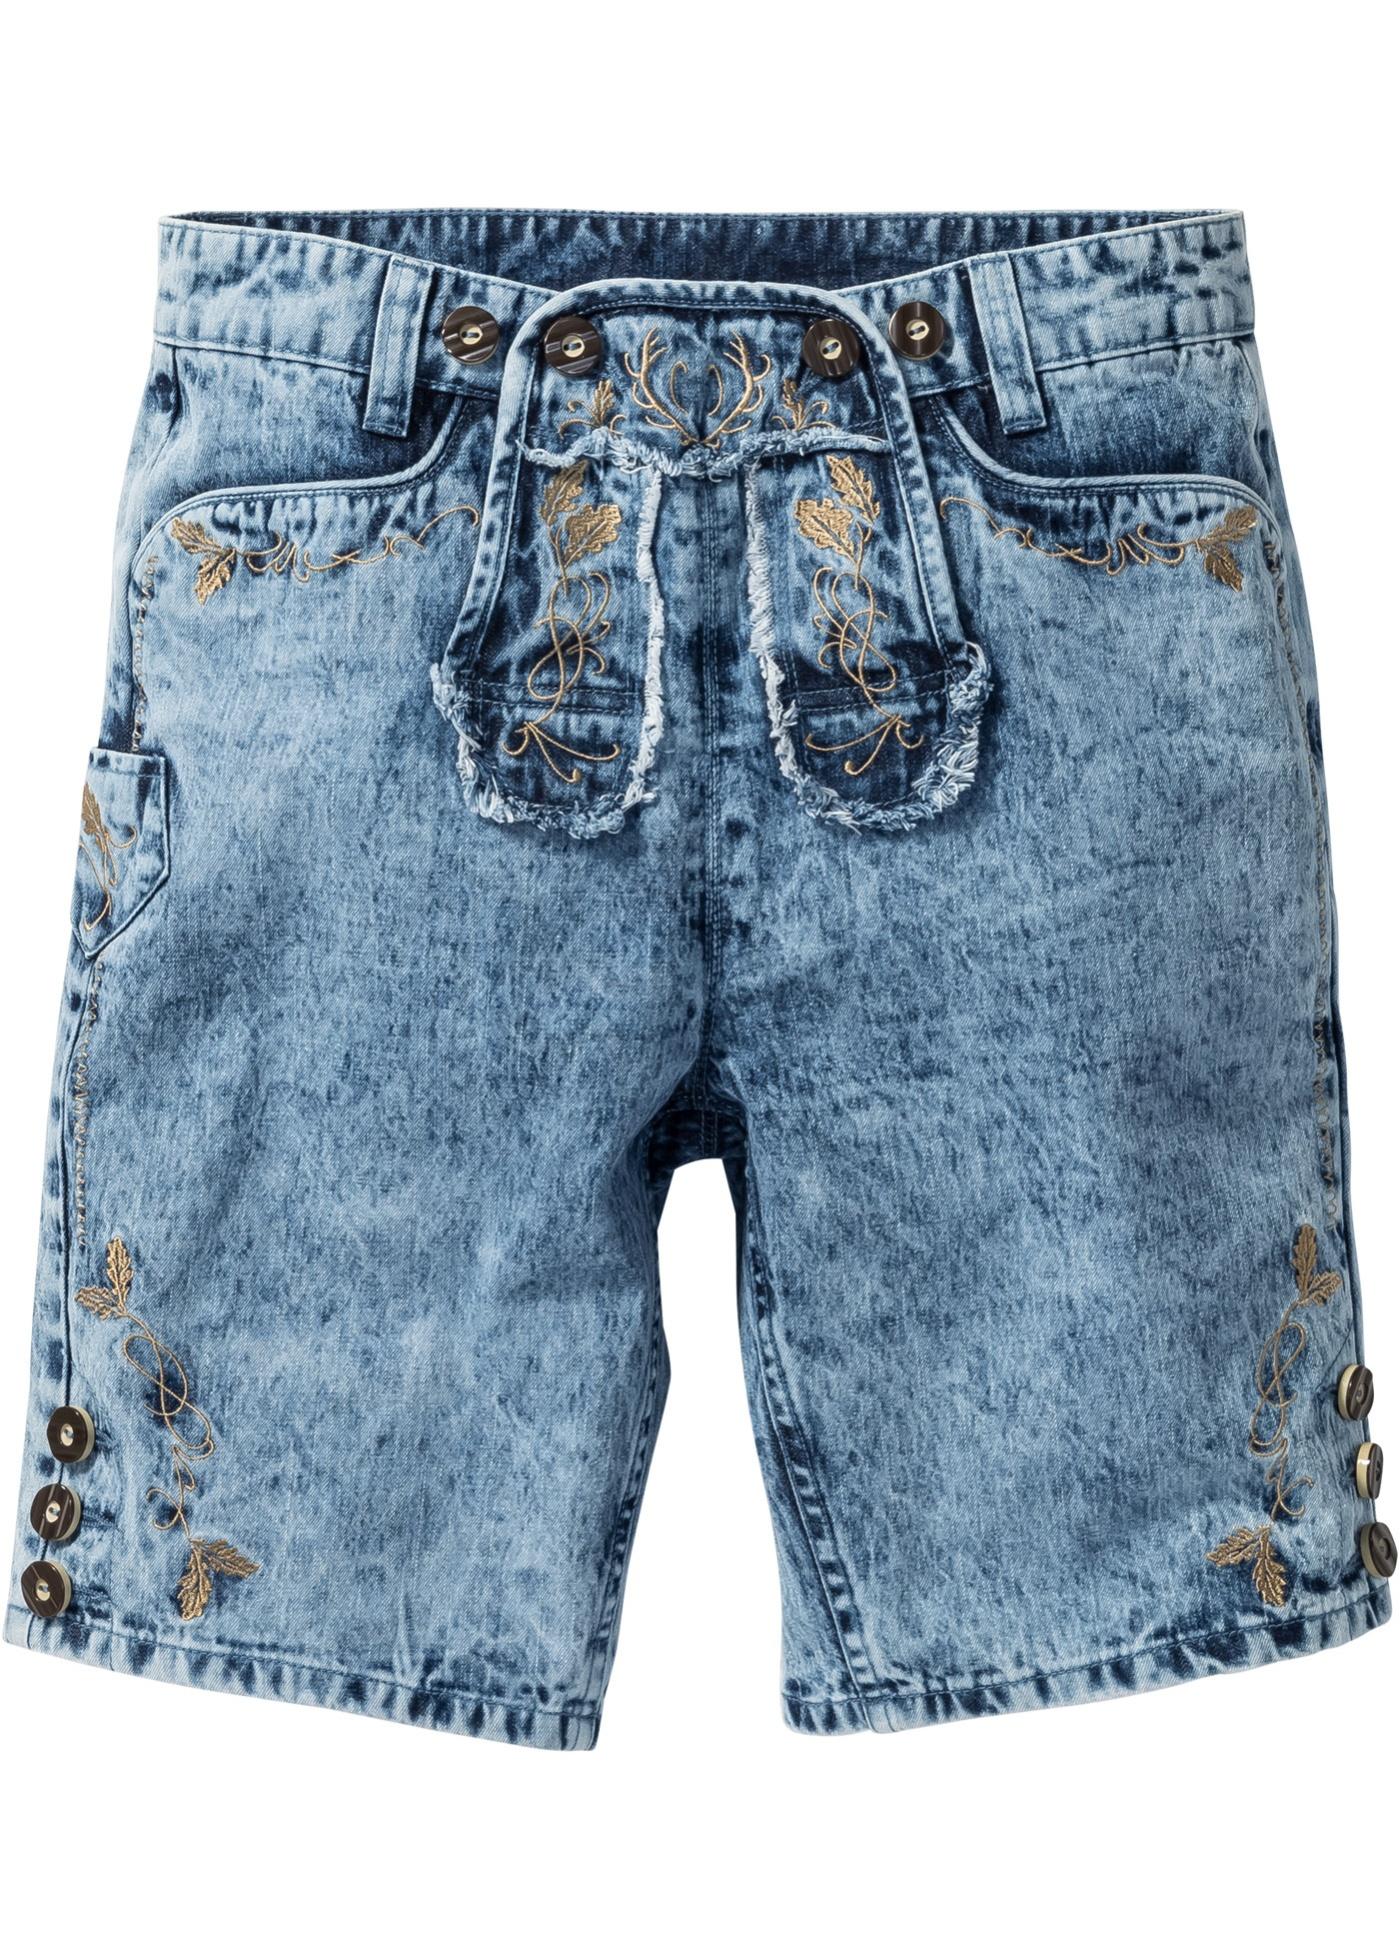 Bermuda di jeans tradizio